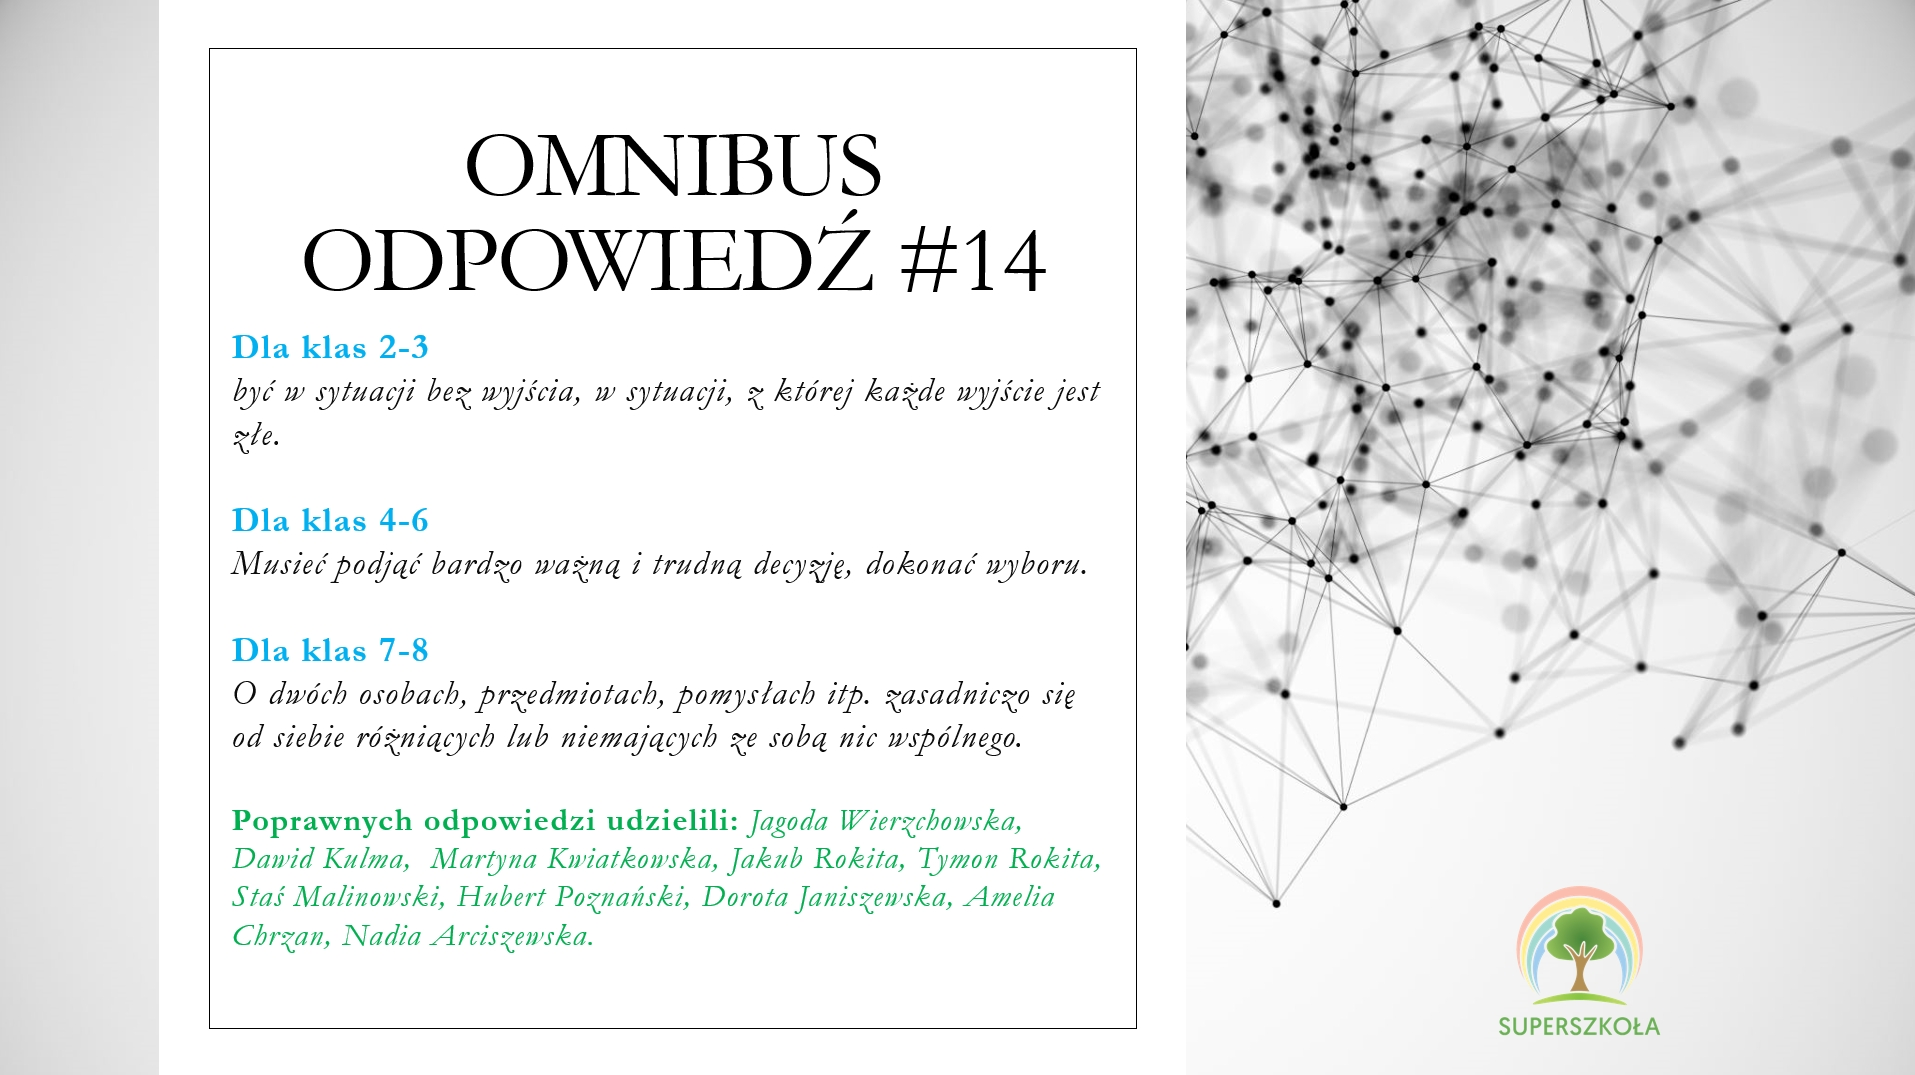 omnibus_odp_14